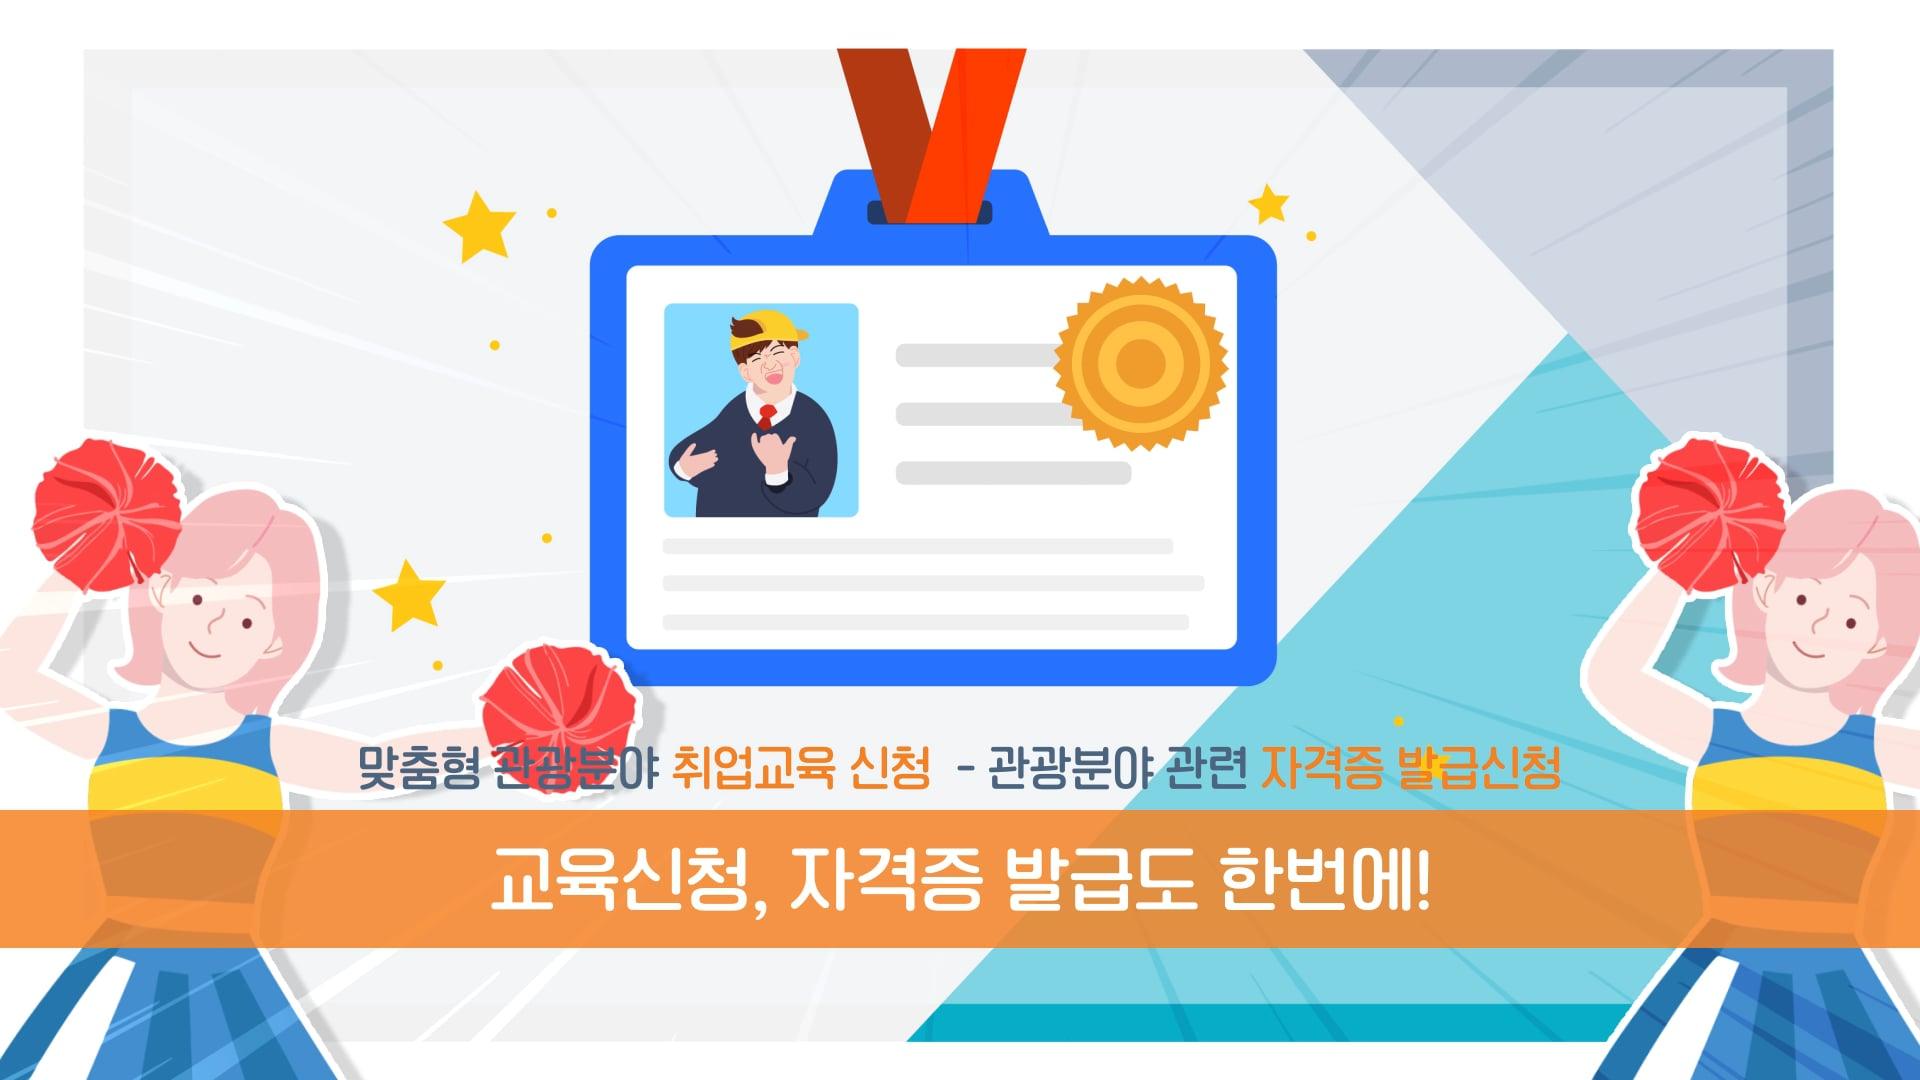 한국관광공사_관광일자리센터 홍보모션그래픽